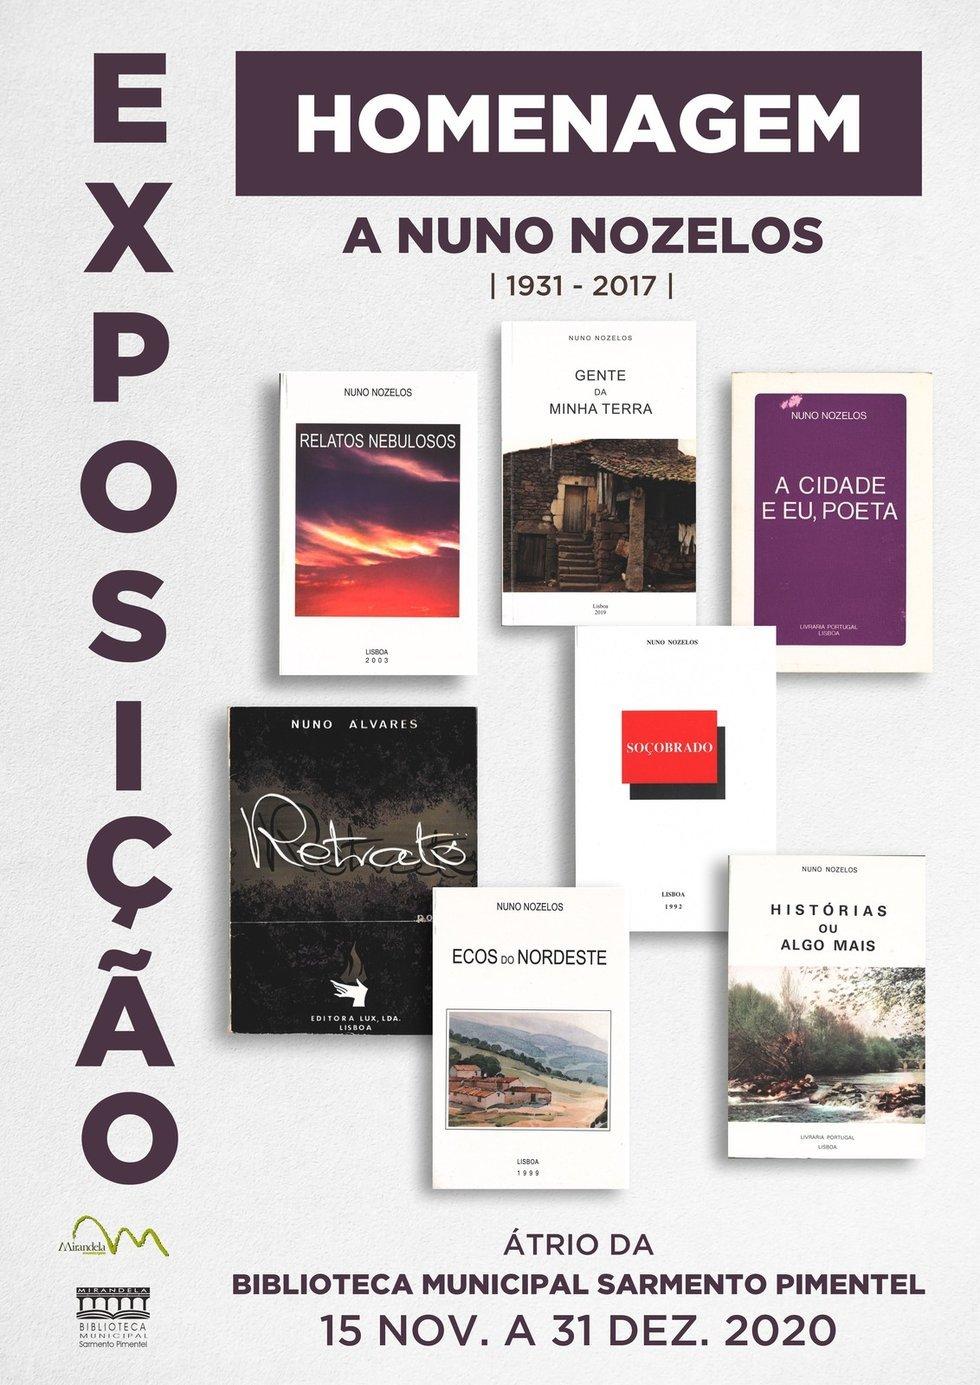 Exposição - Homenagem a Nuno Nozelos